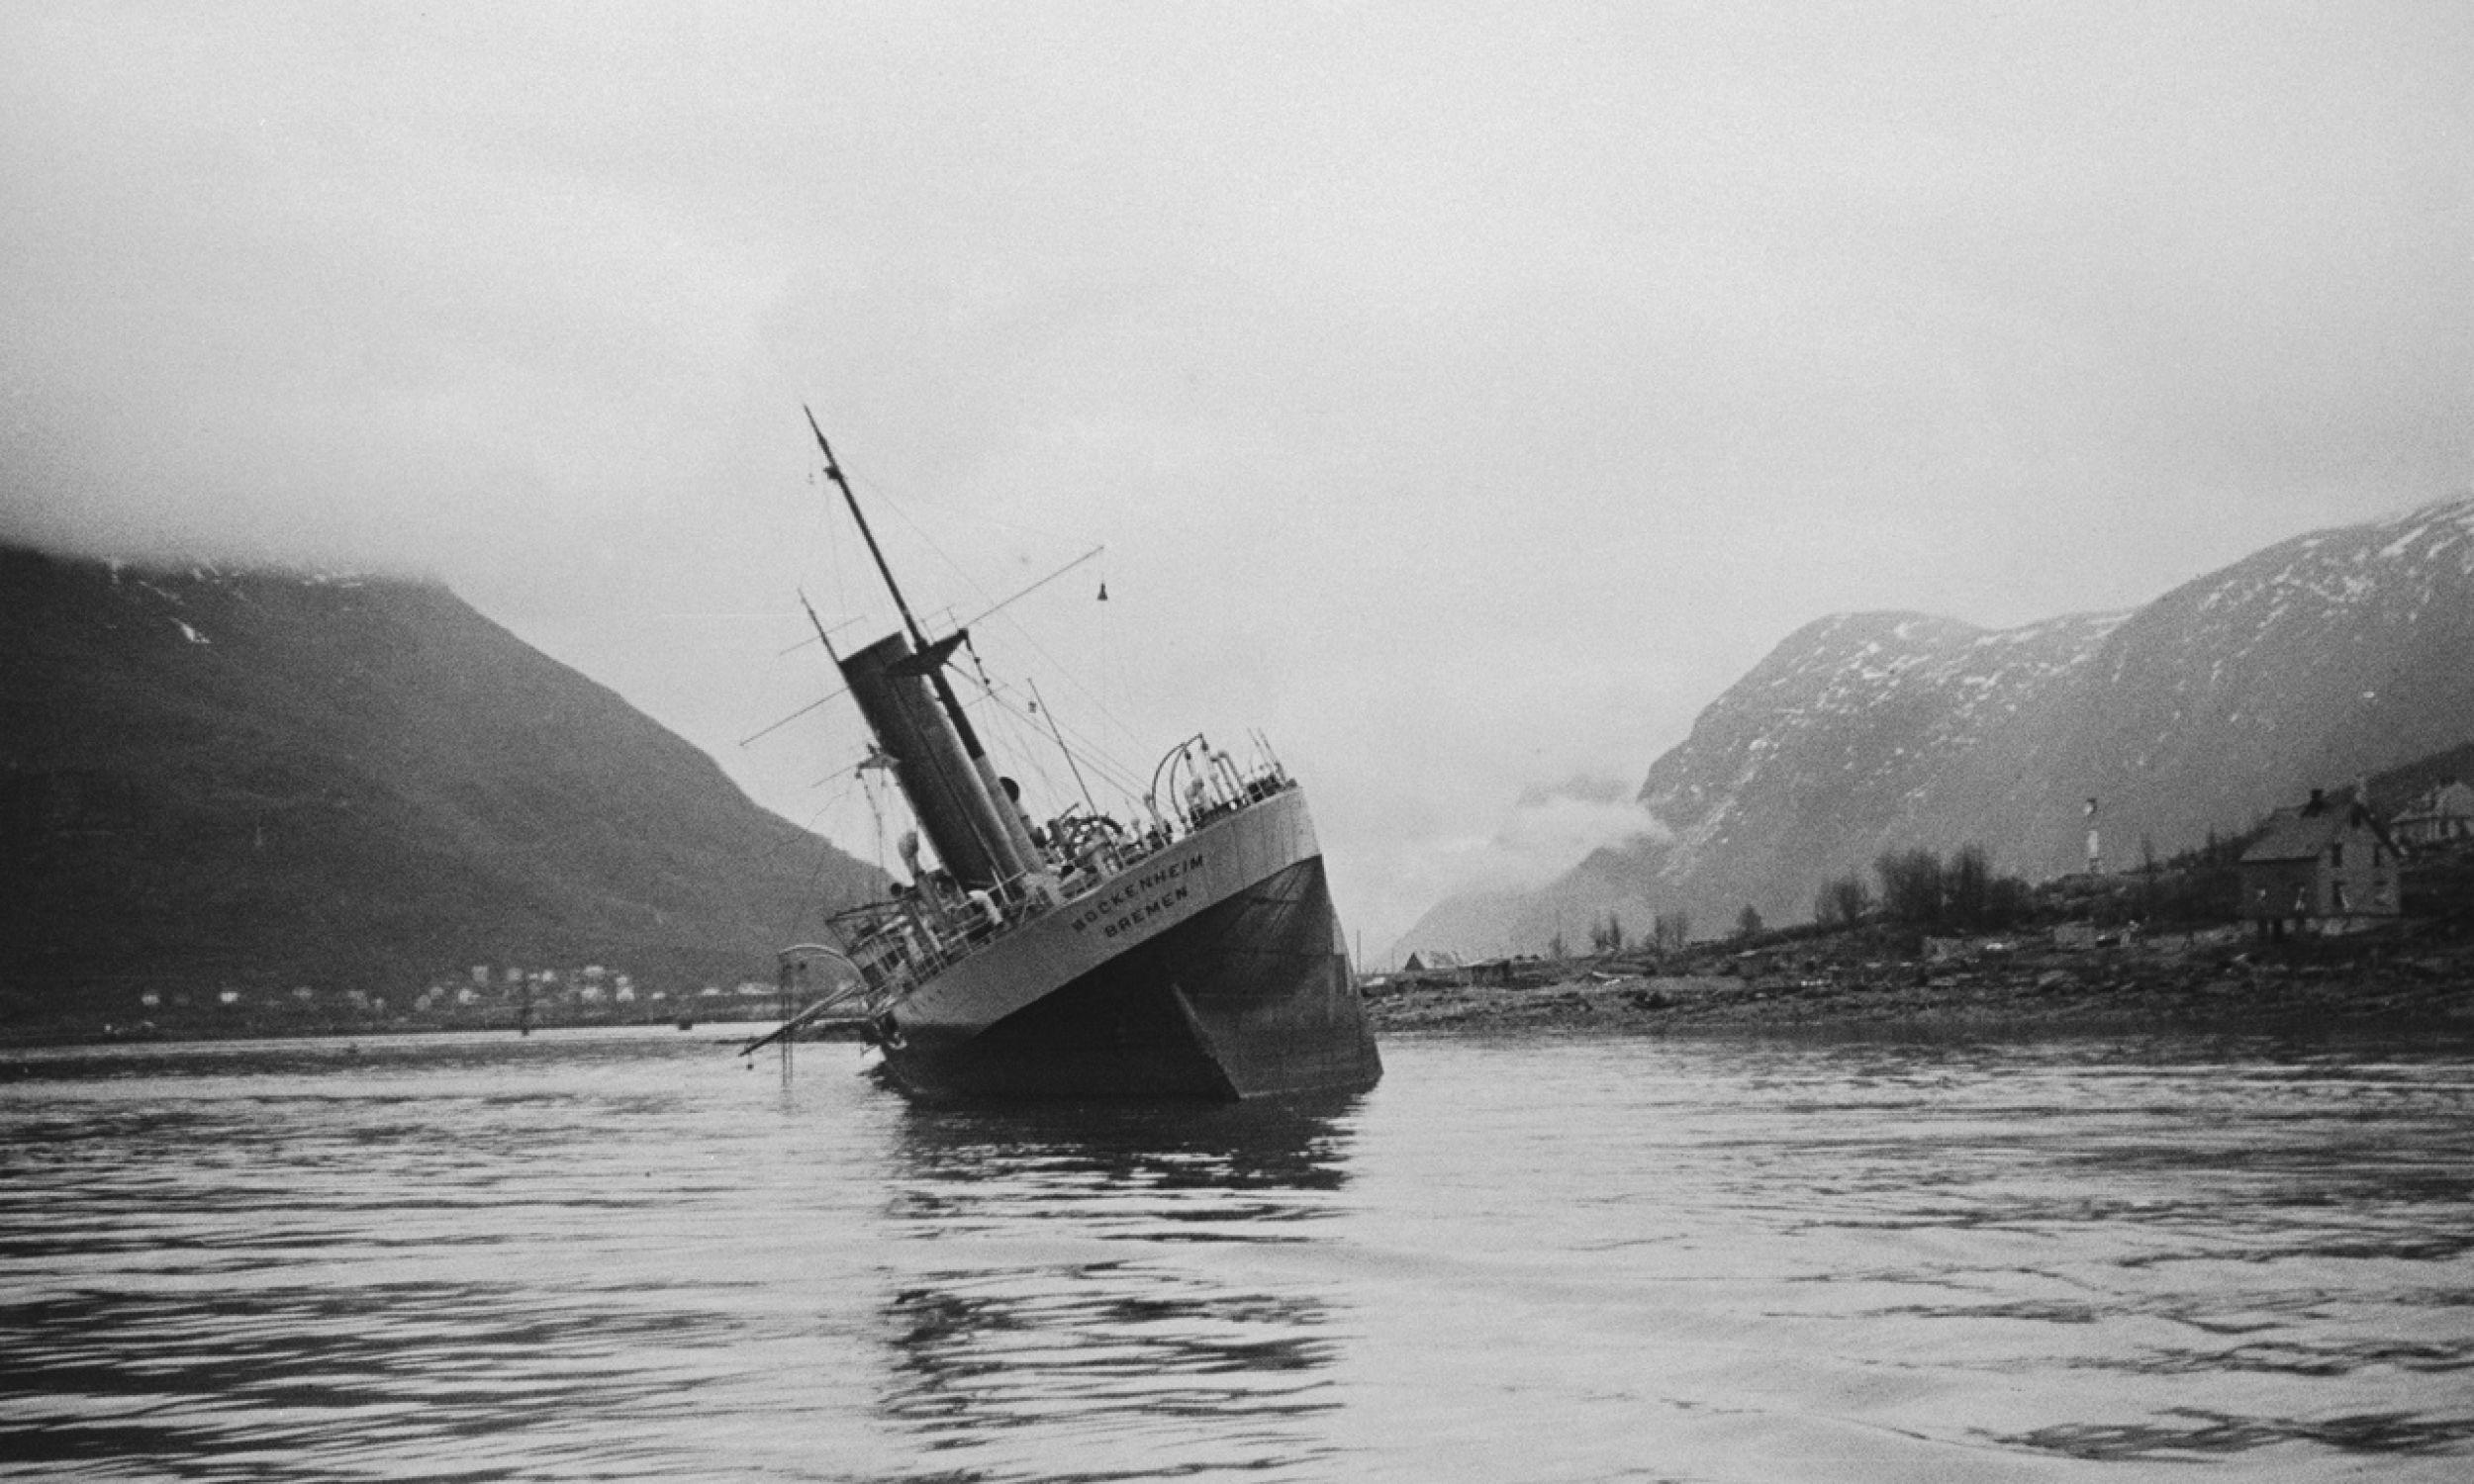 Okręt zatopiony podczas walk w Ofotfjord w Norwegii. W bitwie o Narwik, toczącej się od 9 kwietnia do 8 czerwca 1940 r., zginęło 97 Polaków, ale też aż 141 Norwegów na lądzie i dodatkowo 282 na morzu. Fot. Fox Photos / Hulton Archive / Getty Images